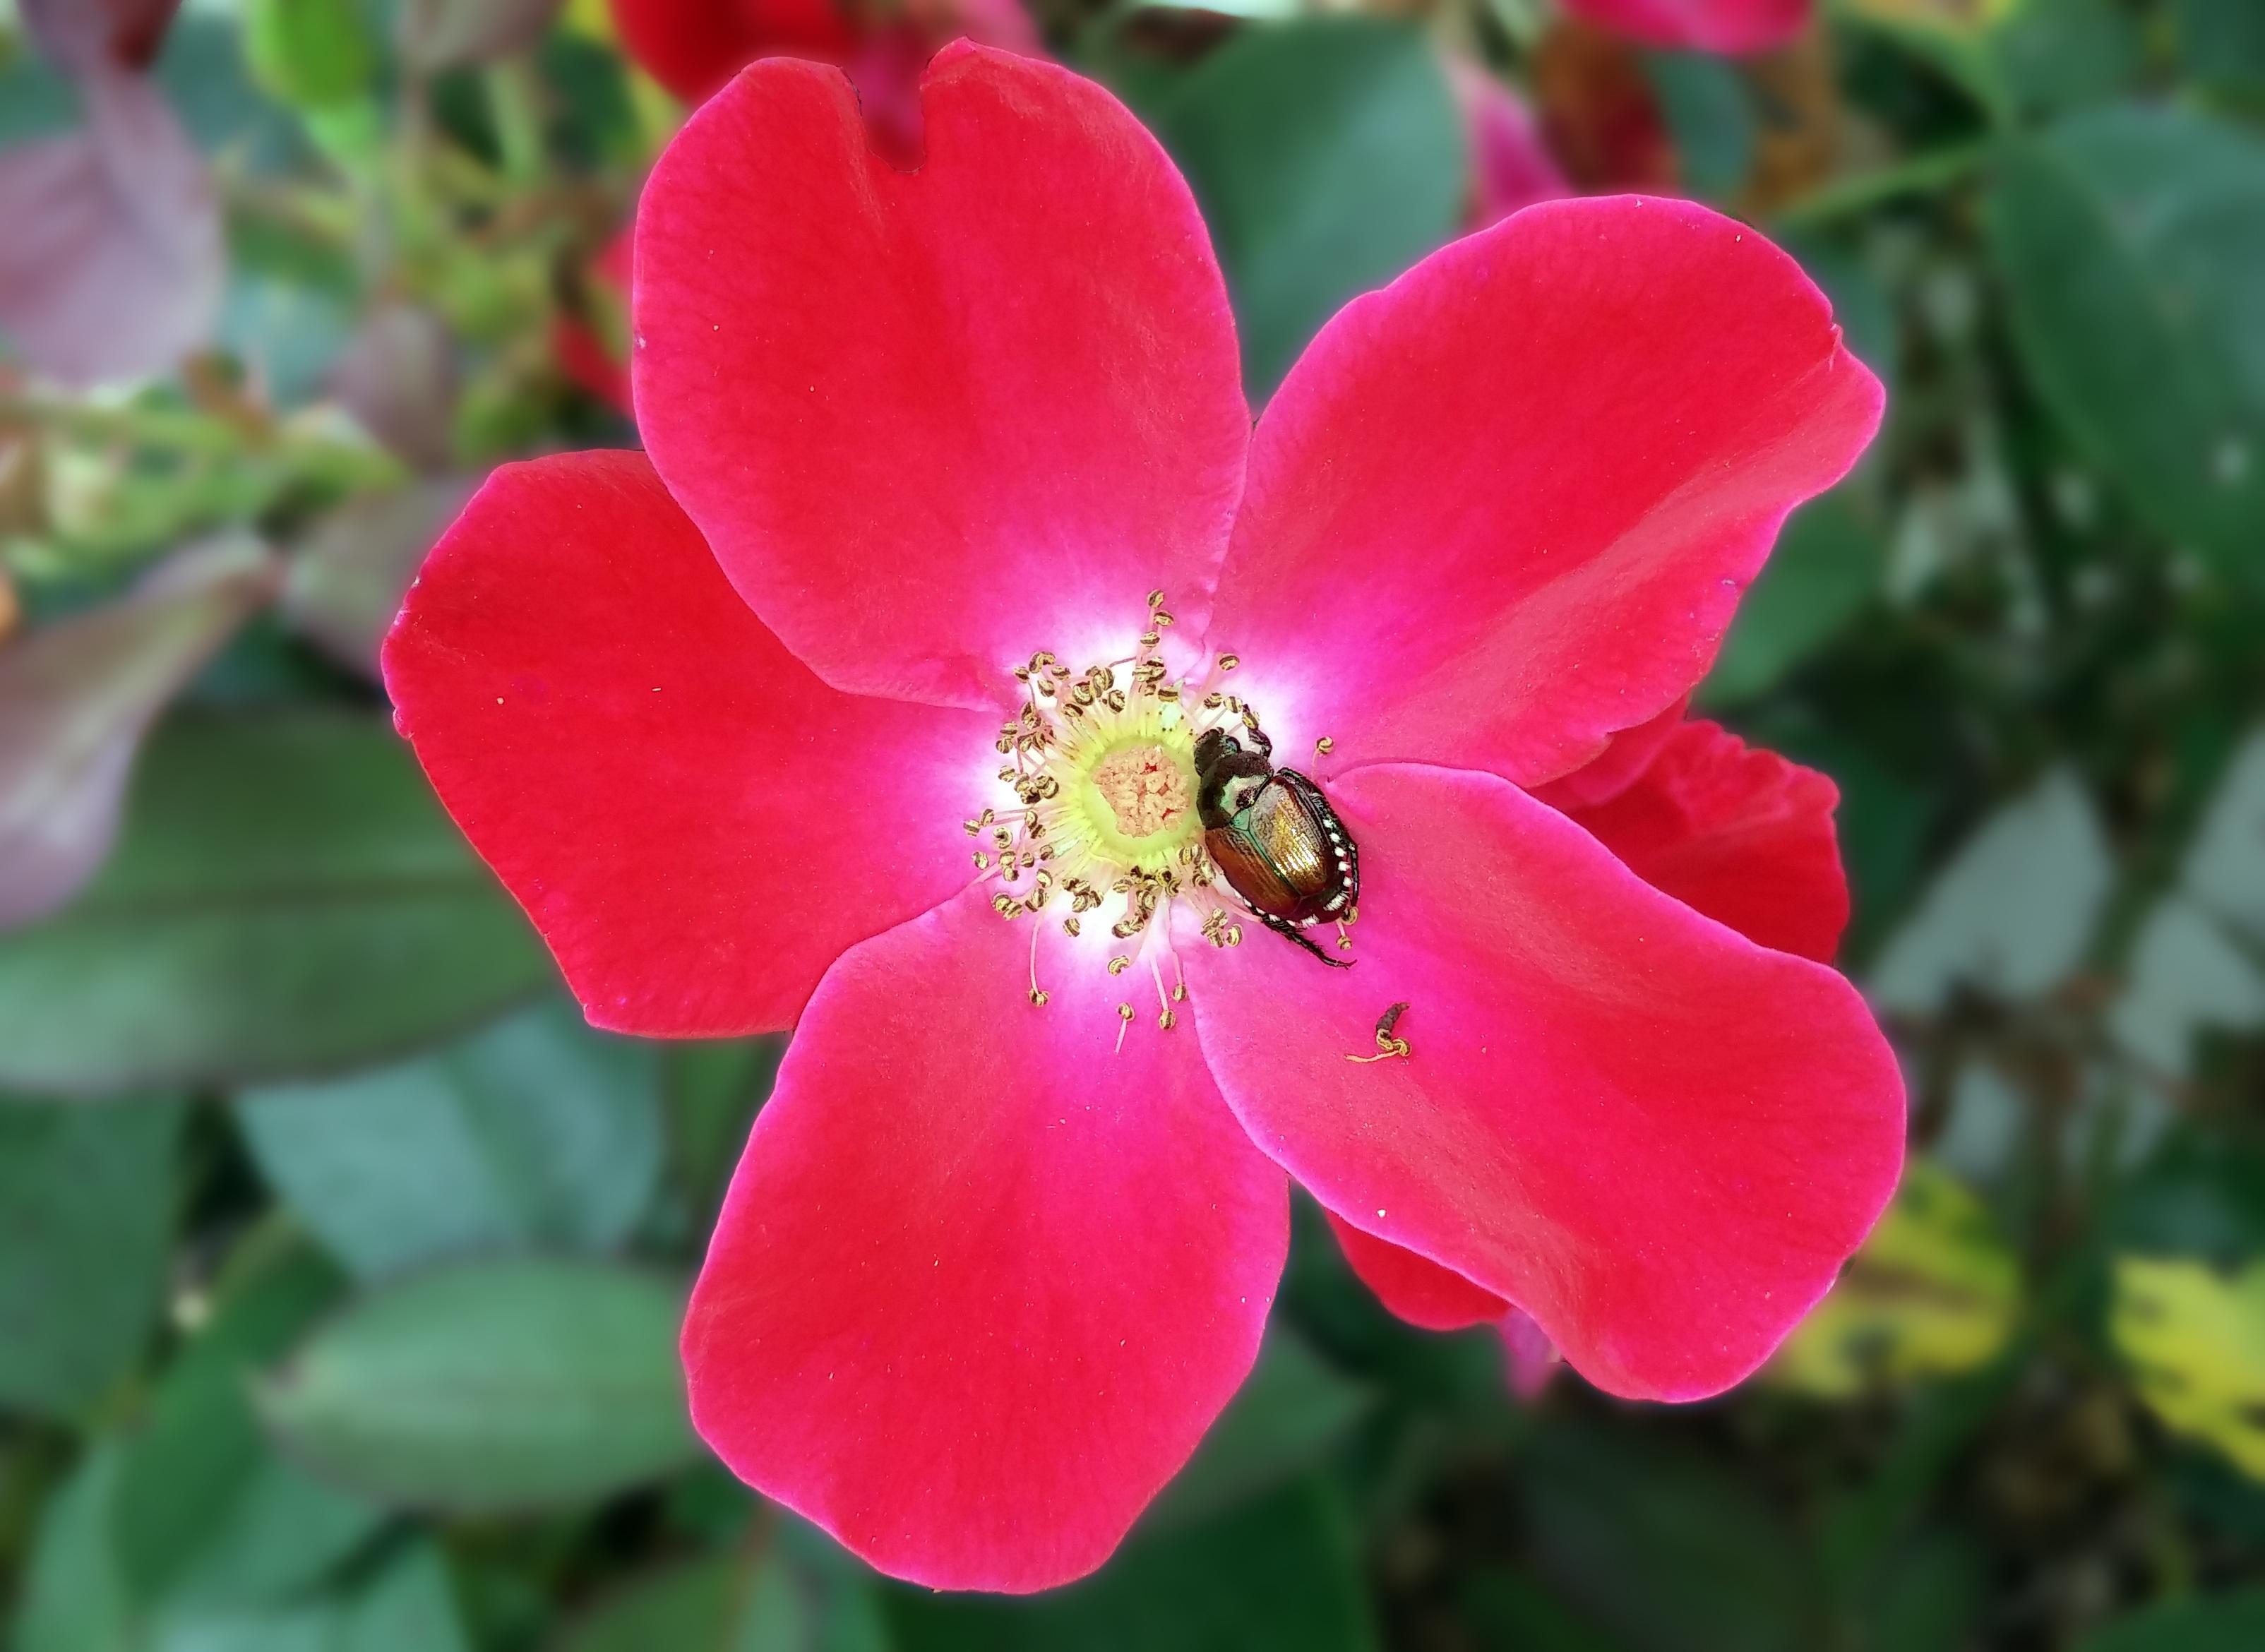 images gratuites : la nature, fleur, pétale, floraison, rose